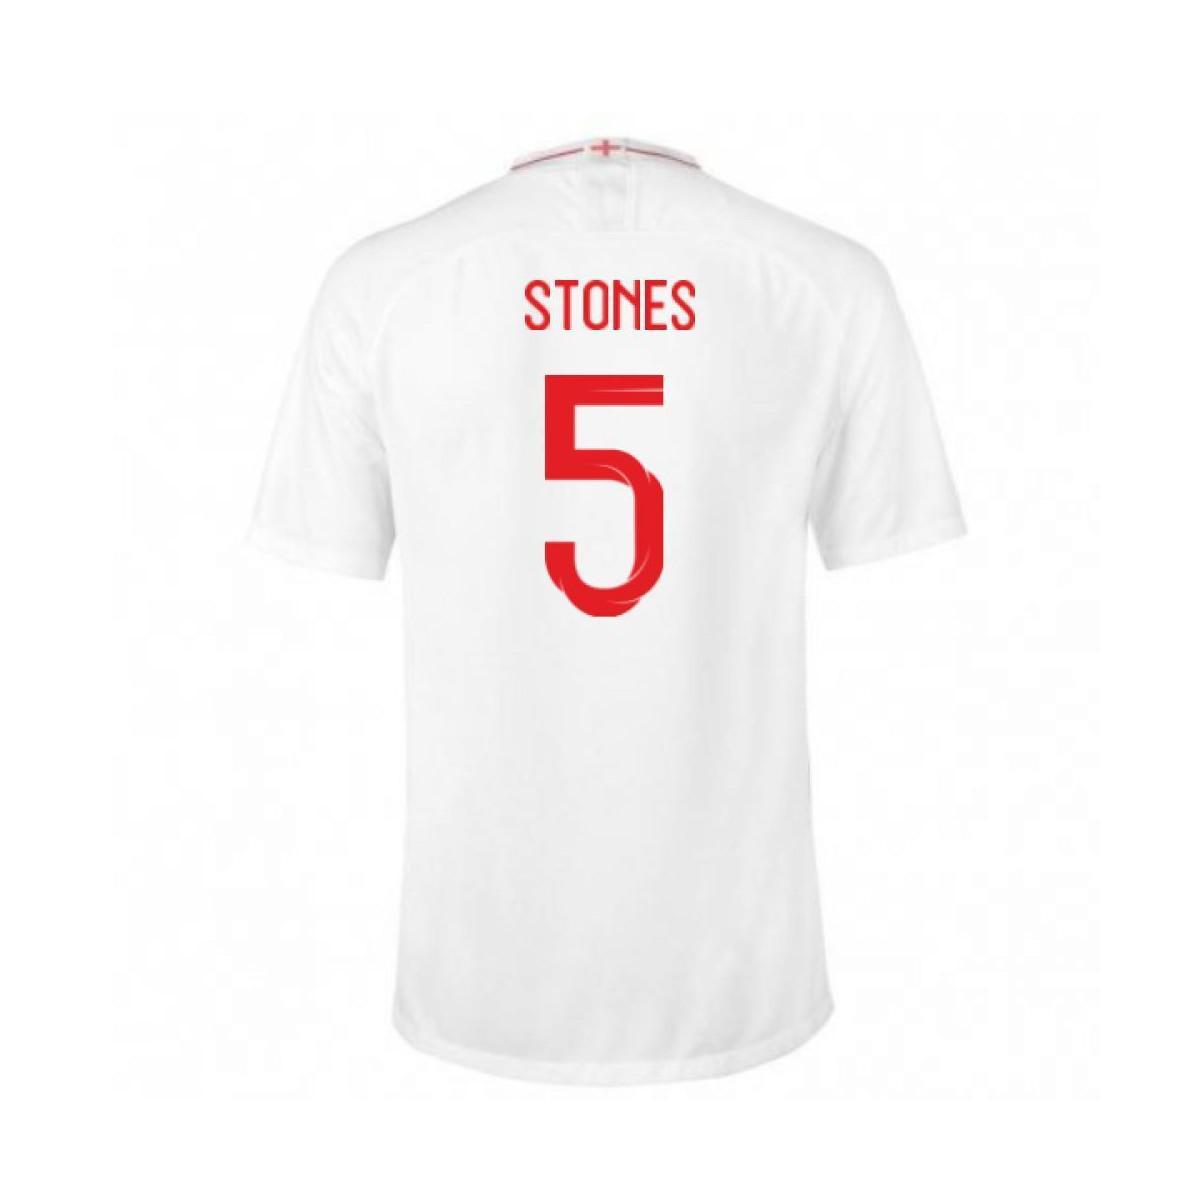 huge selection of 72d1e 37675 Cheap England Football Shirt - raveitsafe